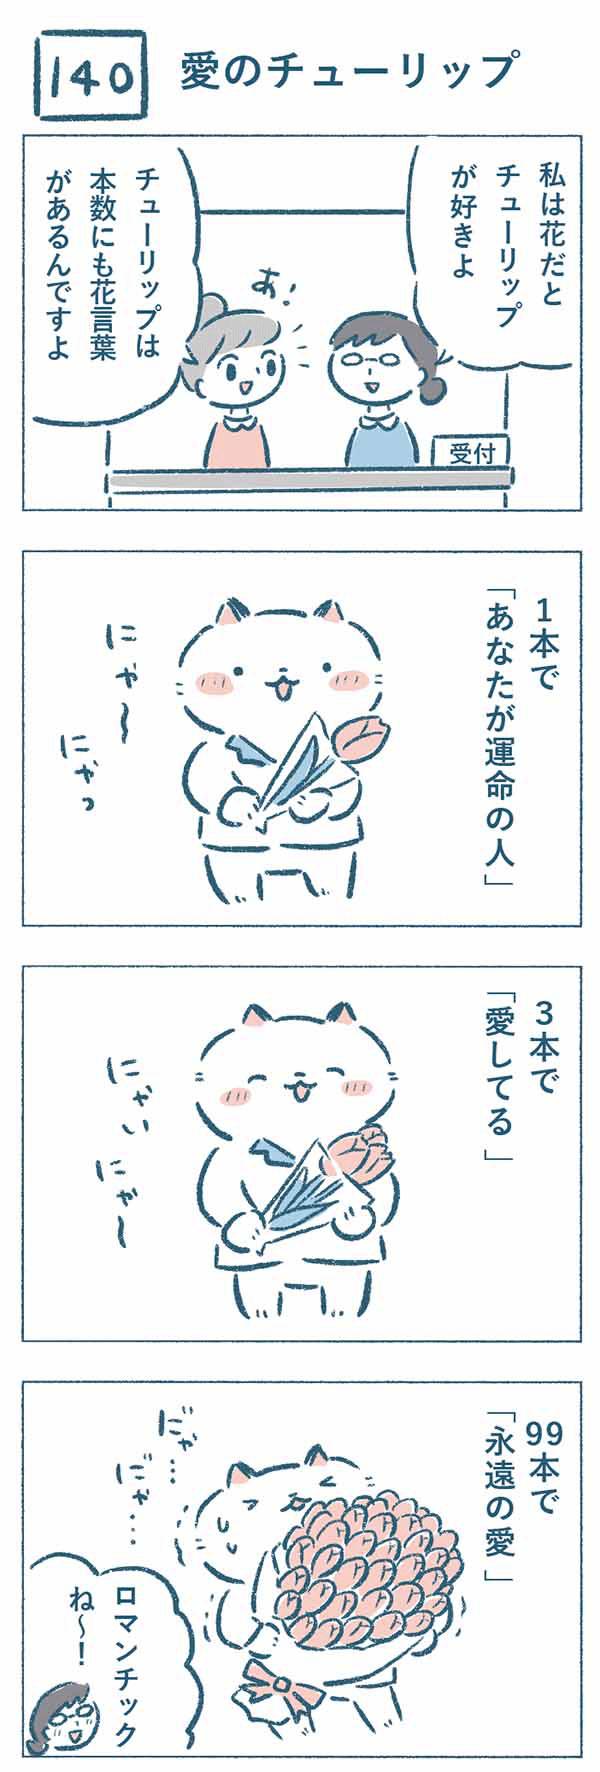 タイトル:愛のチューリップ。チューリップが好きだという熊野さんに、奈央子は「チューリップには本数にも花言葉があるんですよ。」と言いました。1本で「あなたが運命の人」。3本で「愛してる」、99本で「永遠の愛」。